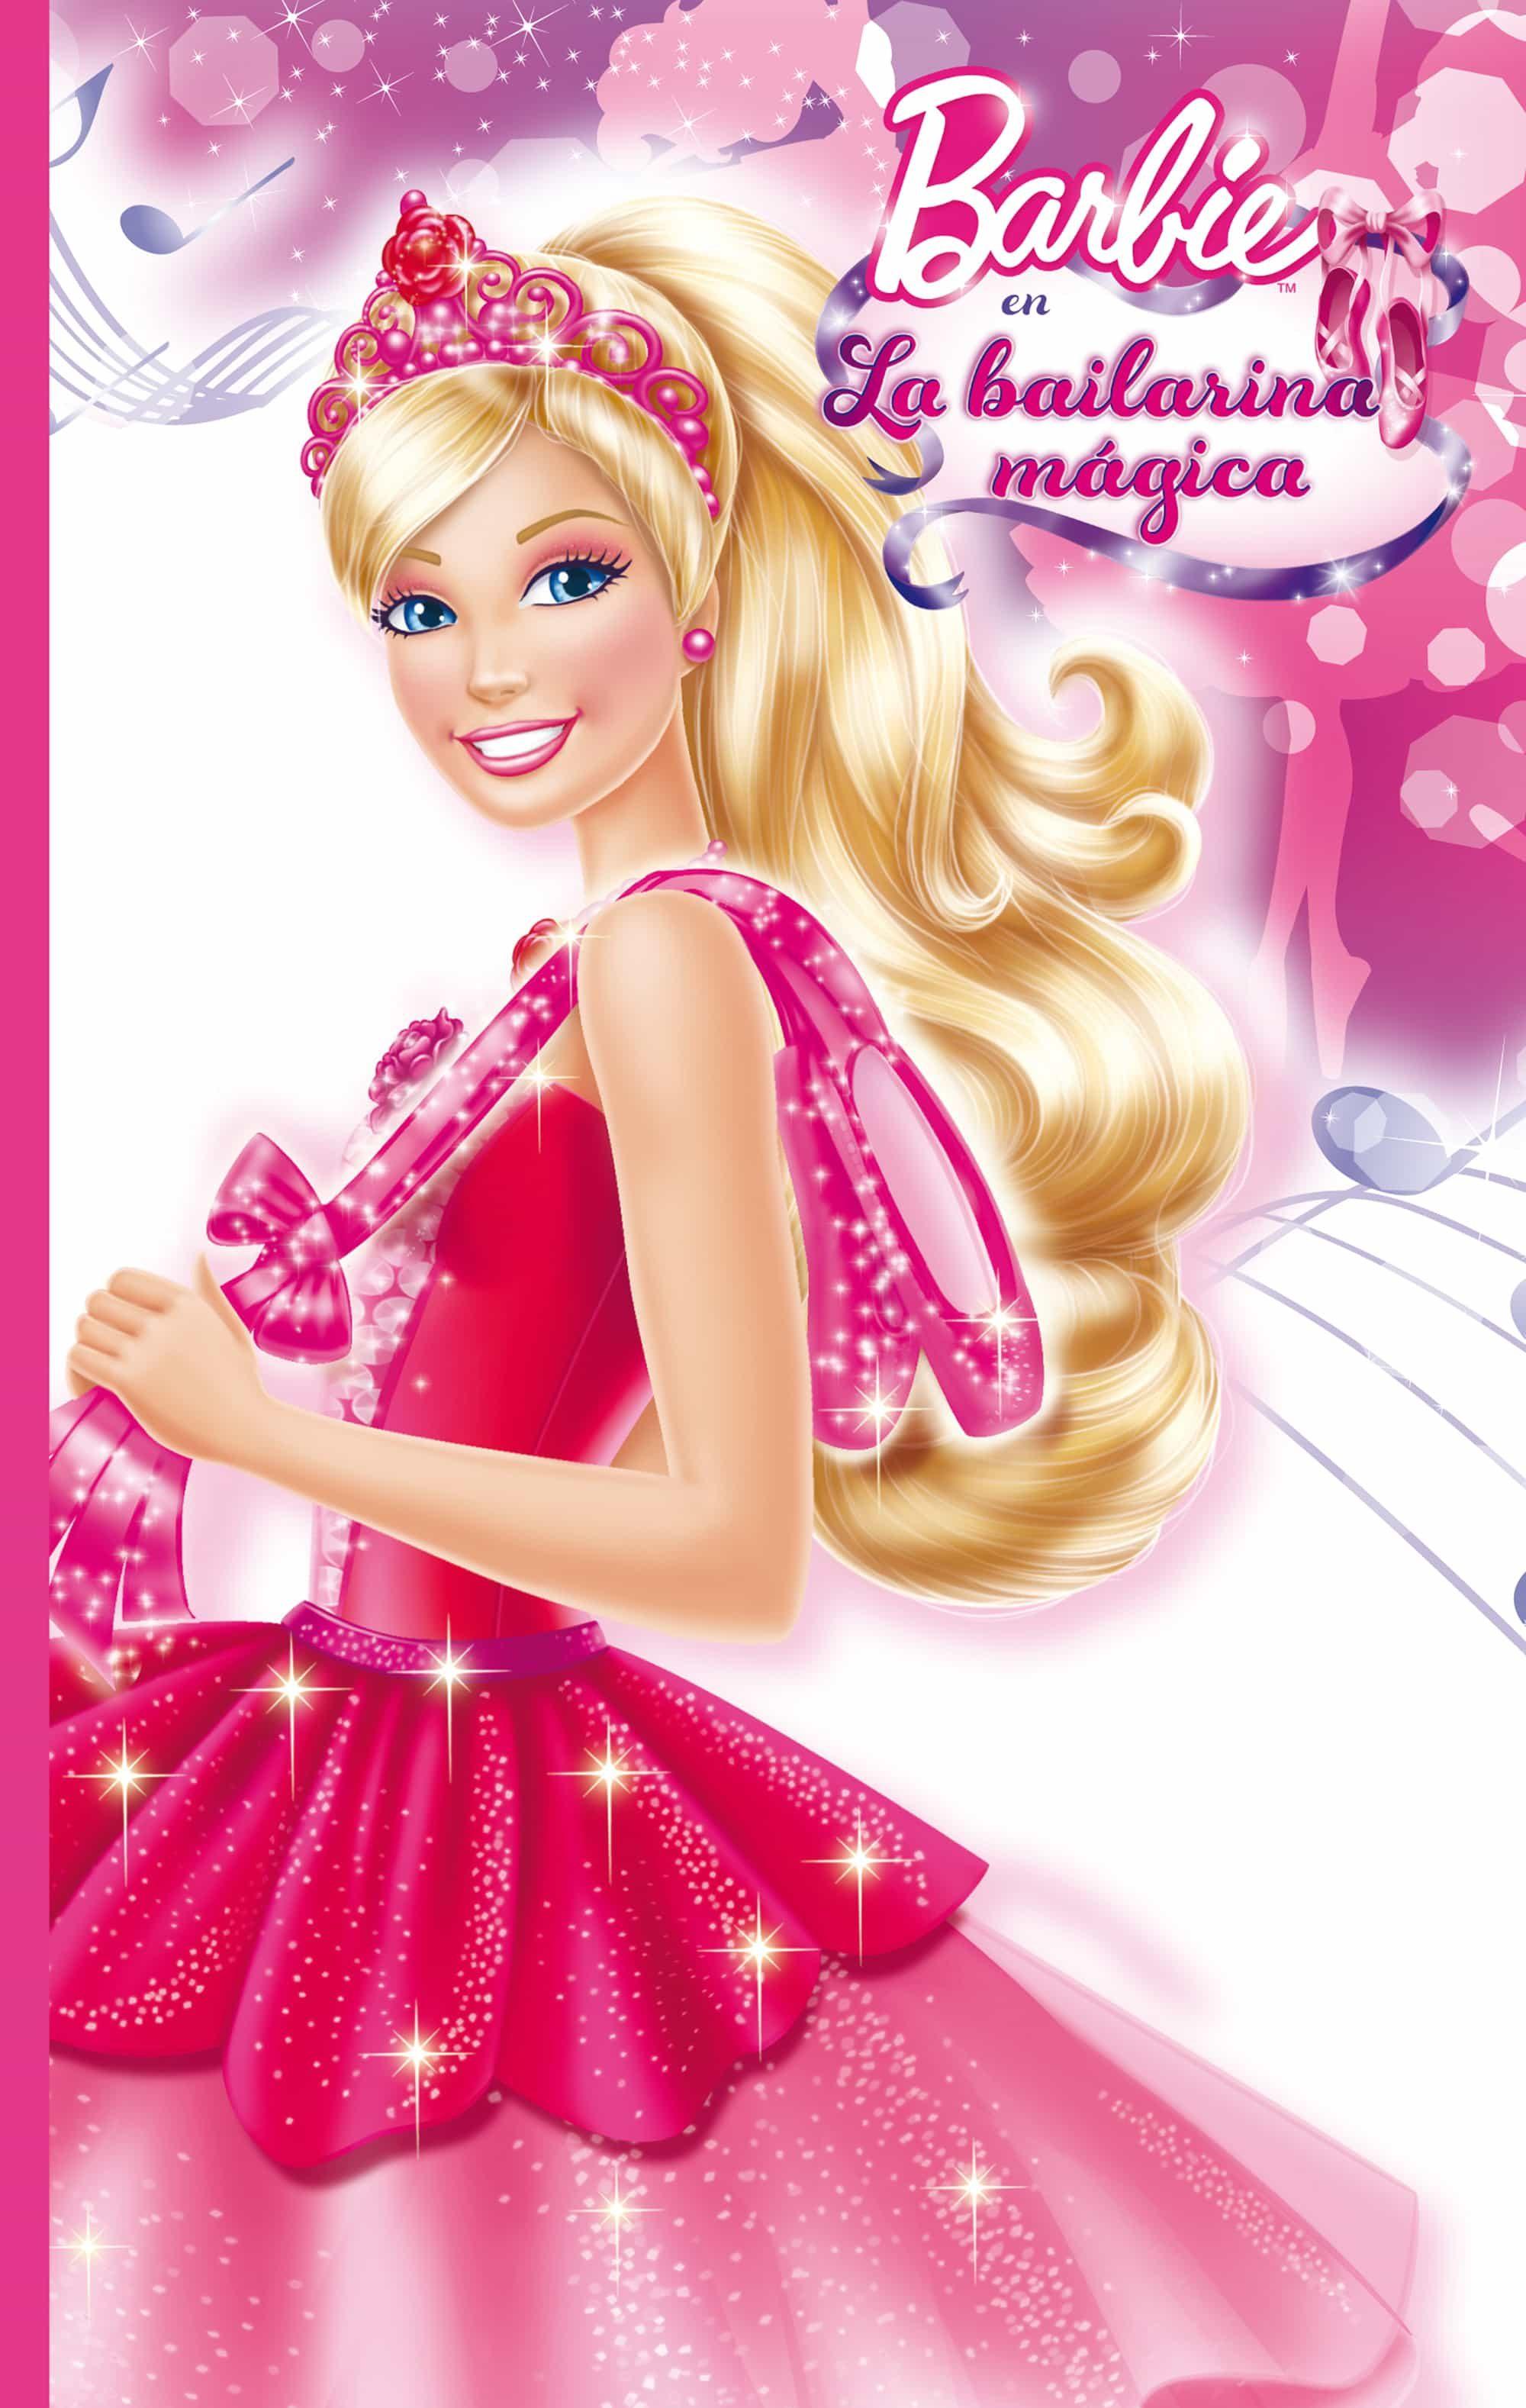 La Bailarina Mgica Barbie Primeras Lecturas ebook  Ebooks